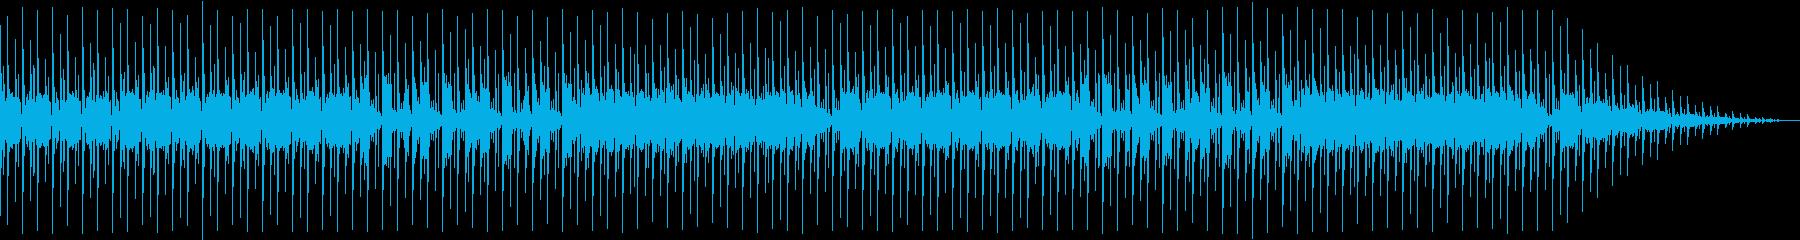 にぎやかなディスコサウンドの再生済みの波形